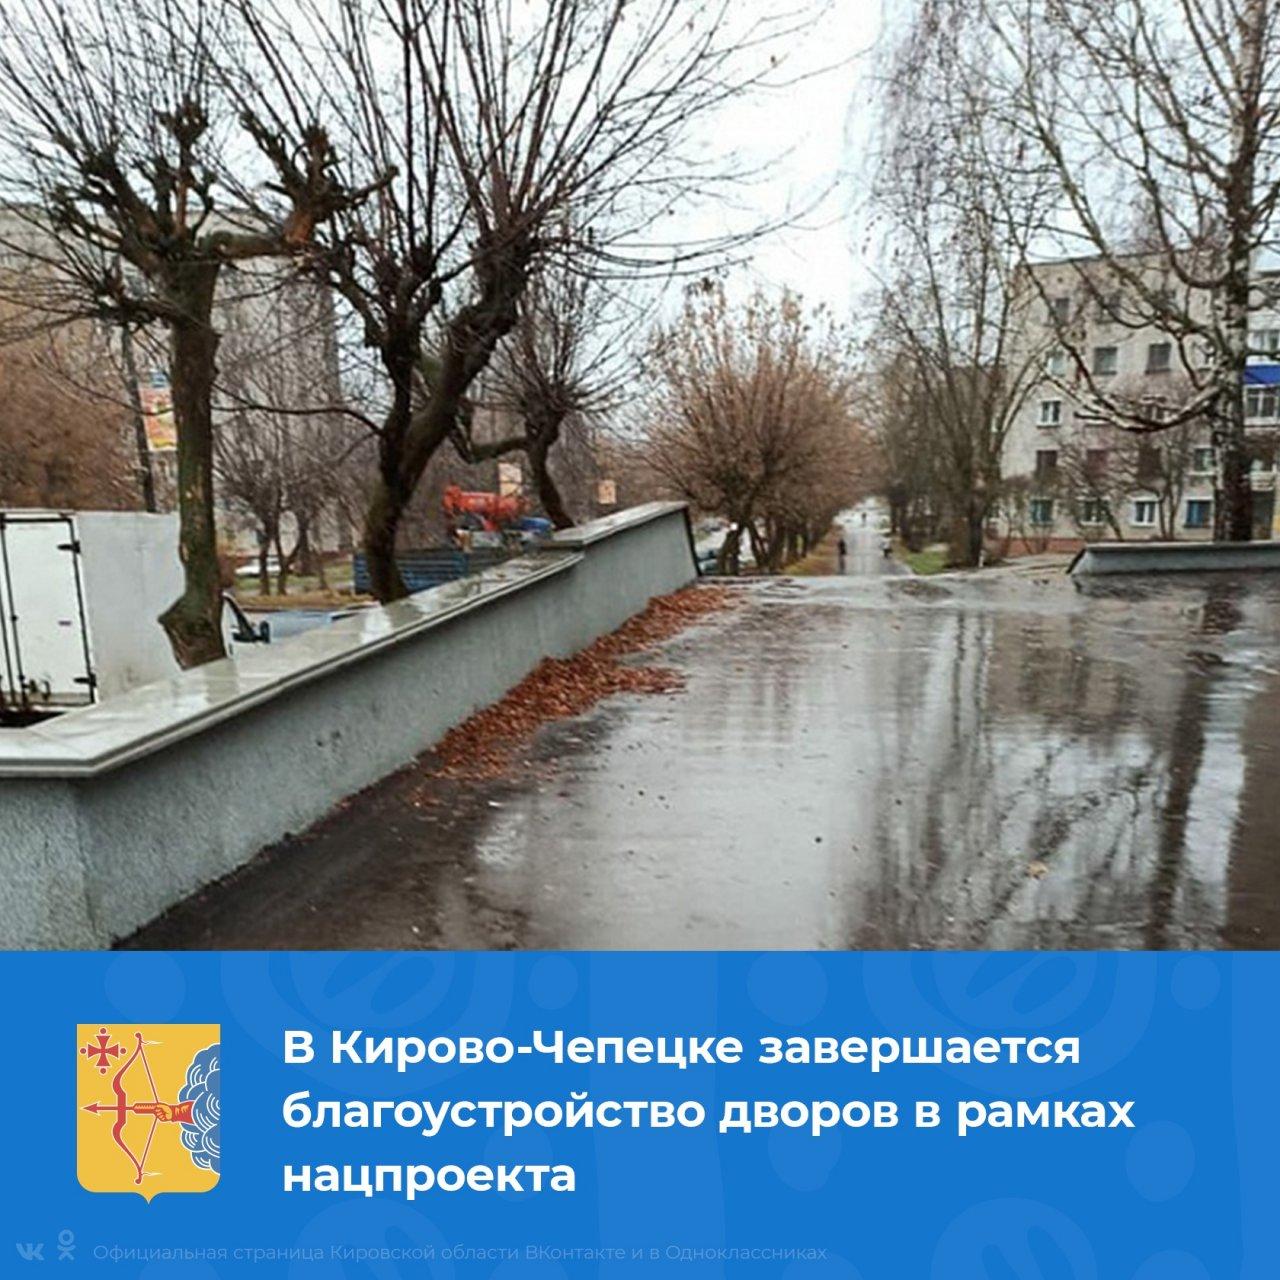 В пяти дворах Кирово-Чепецка завершены ремонтные работы